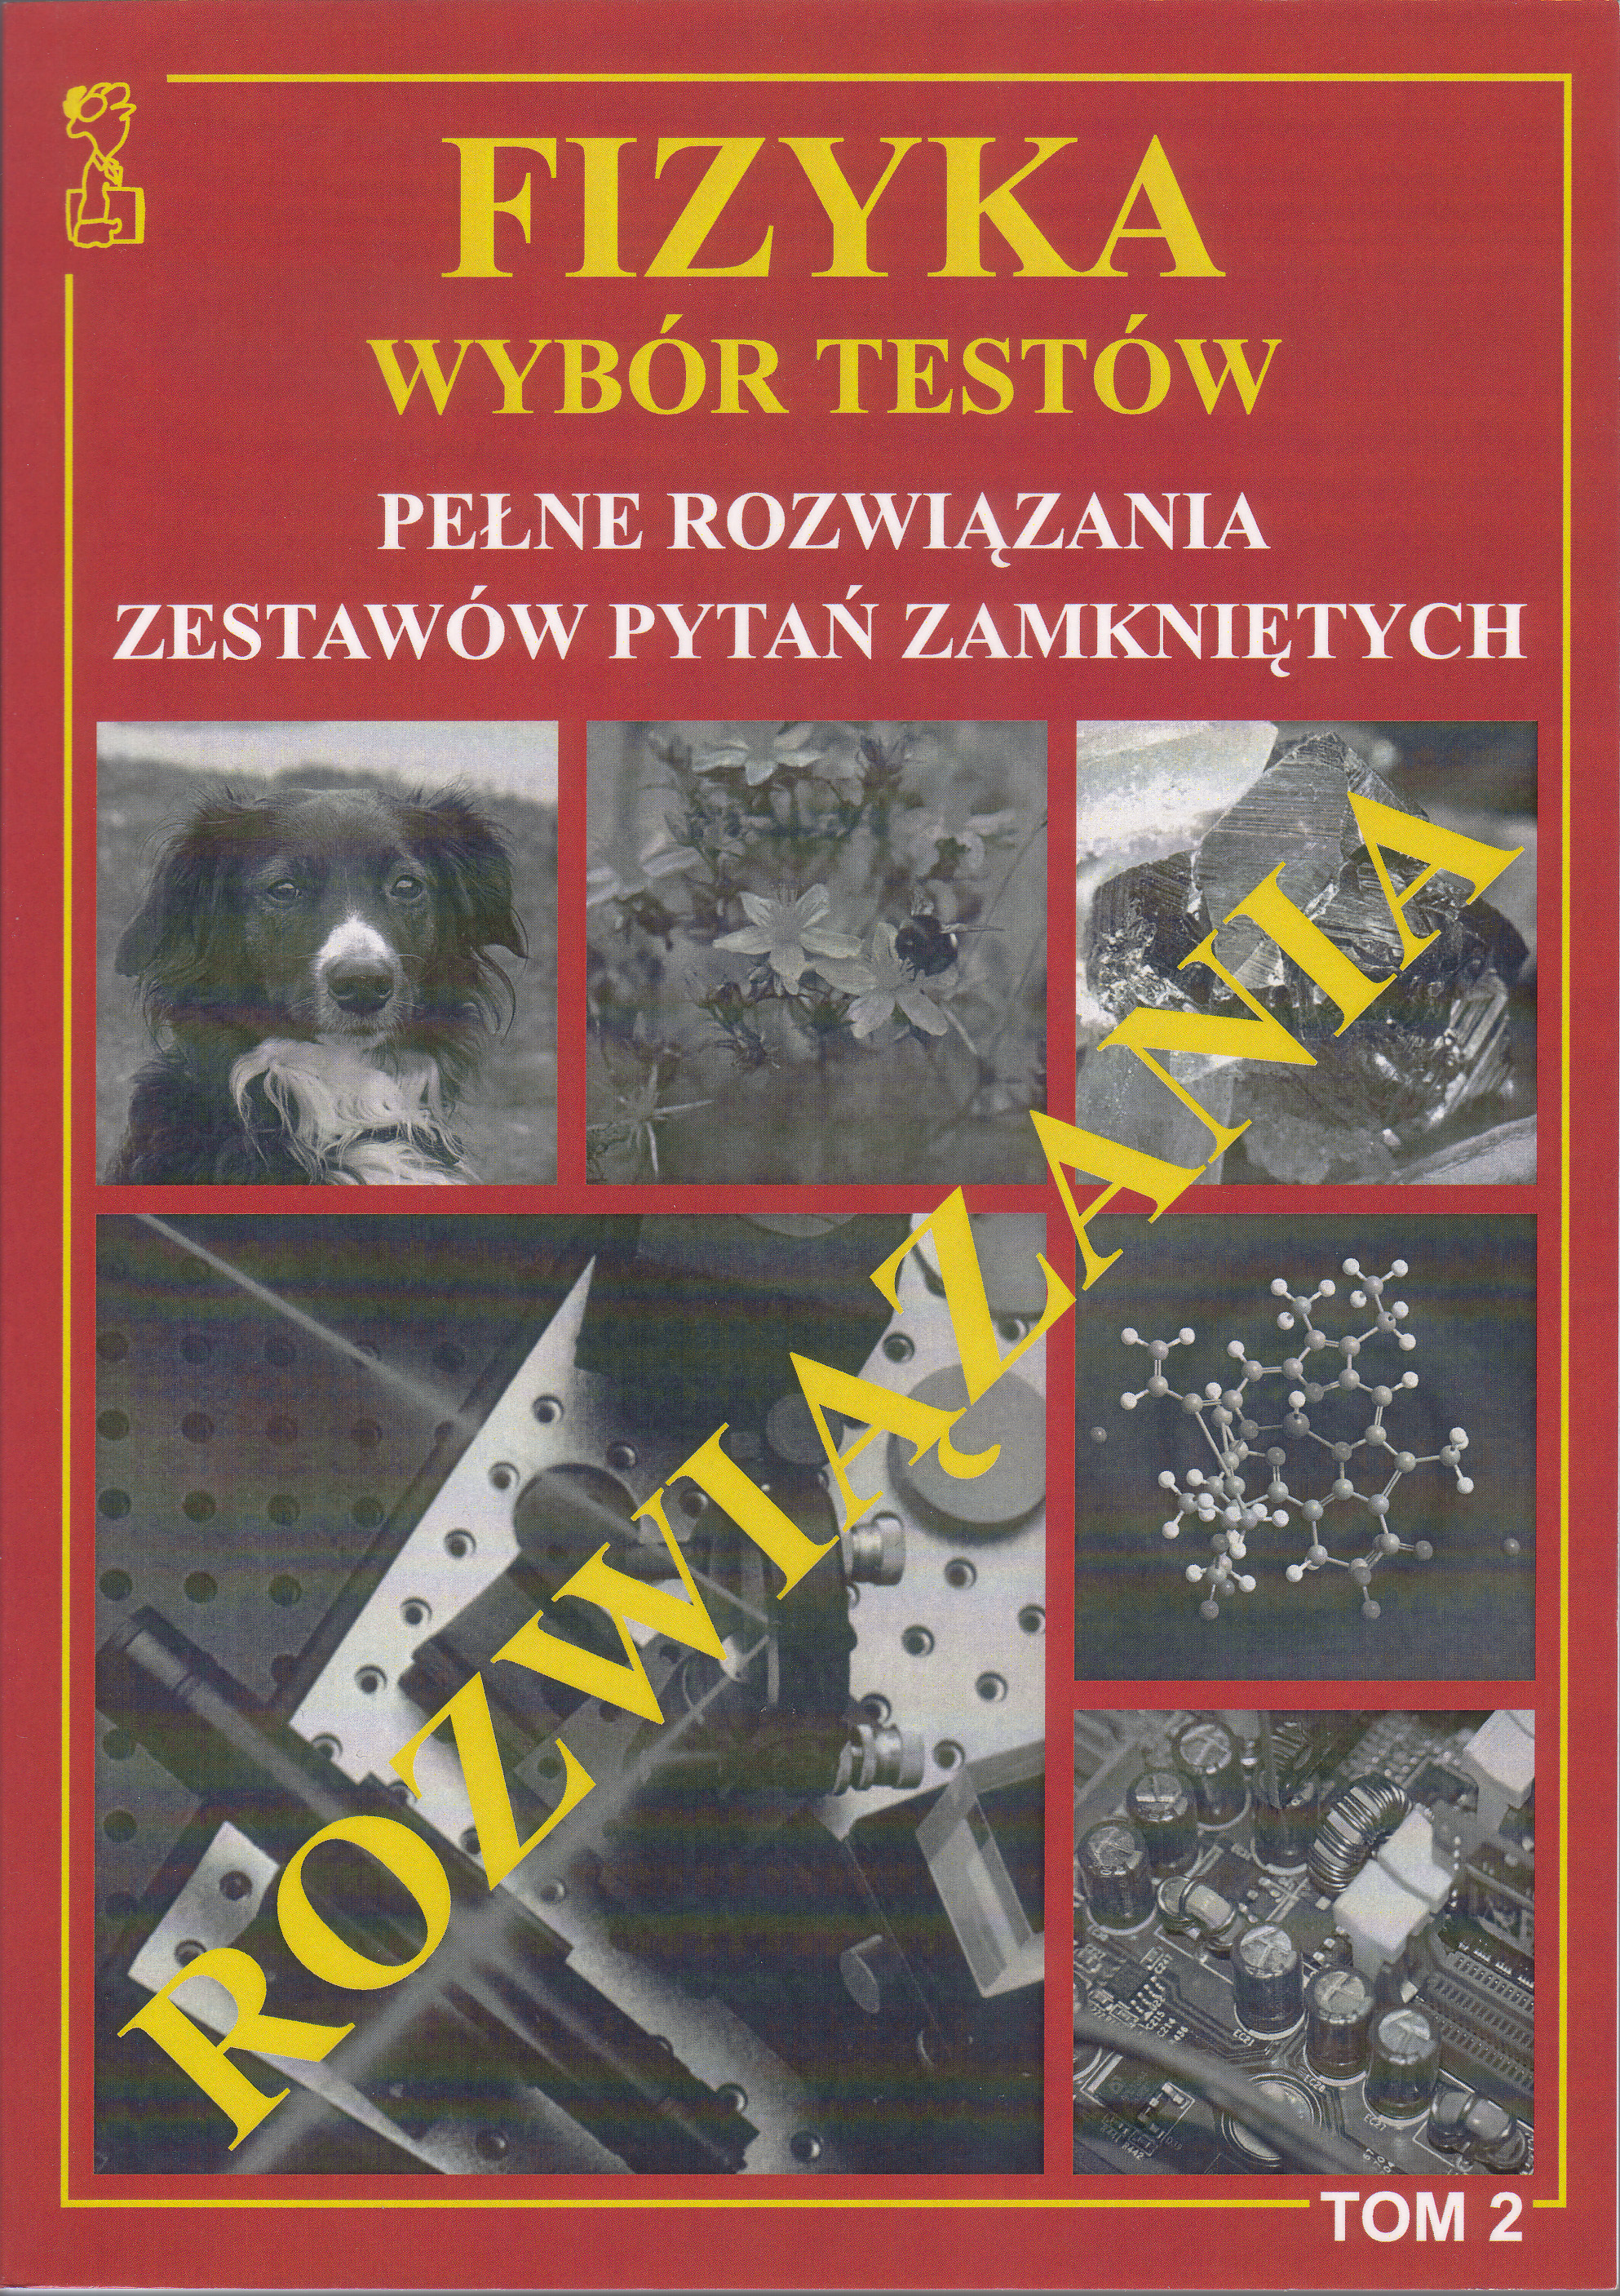 Fizyka Roz. Tom II